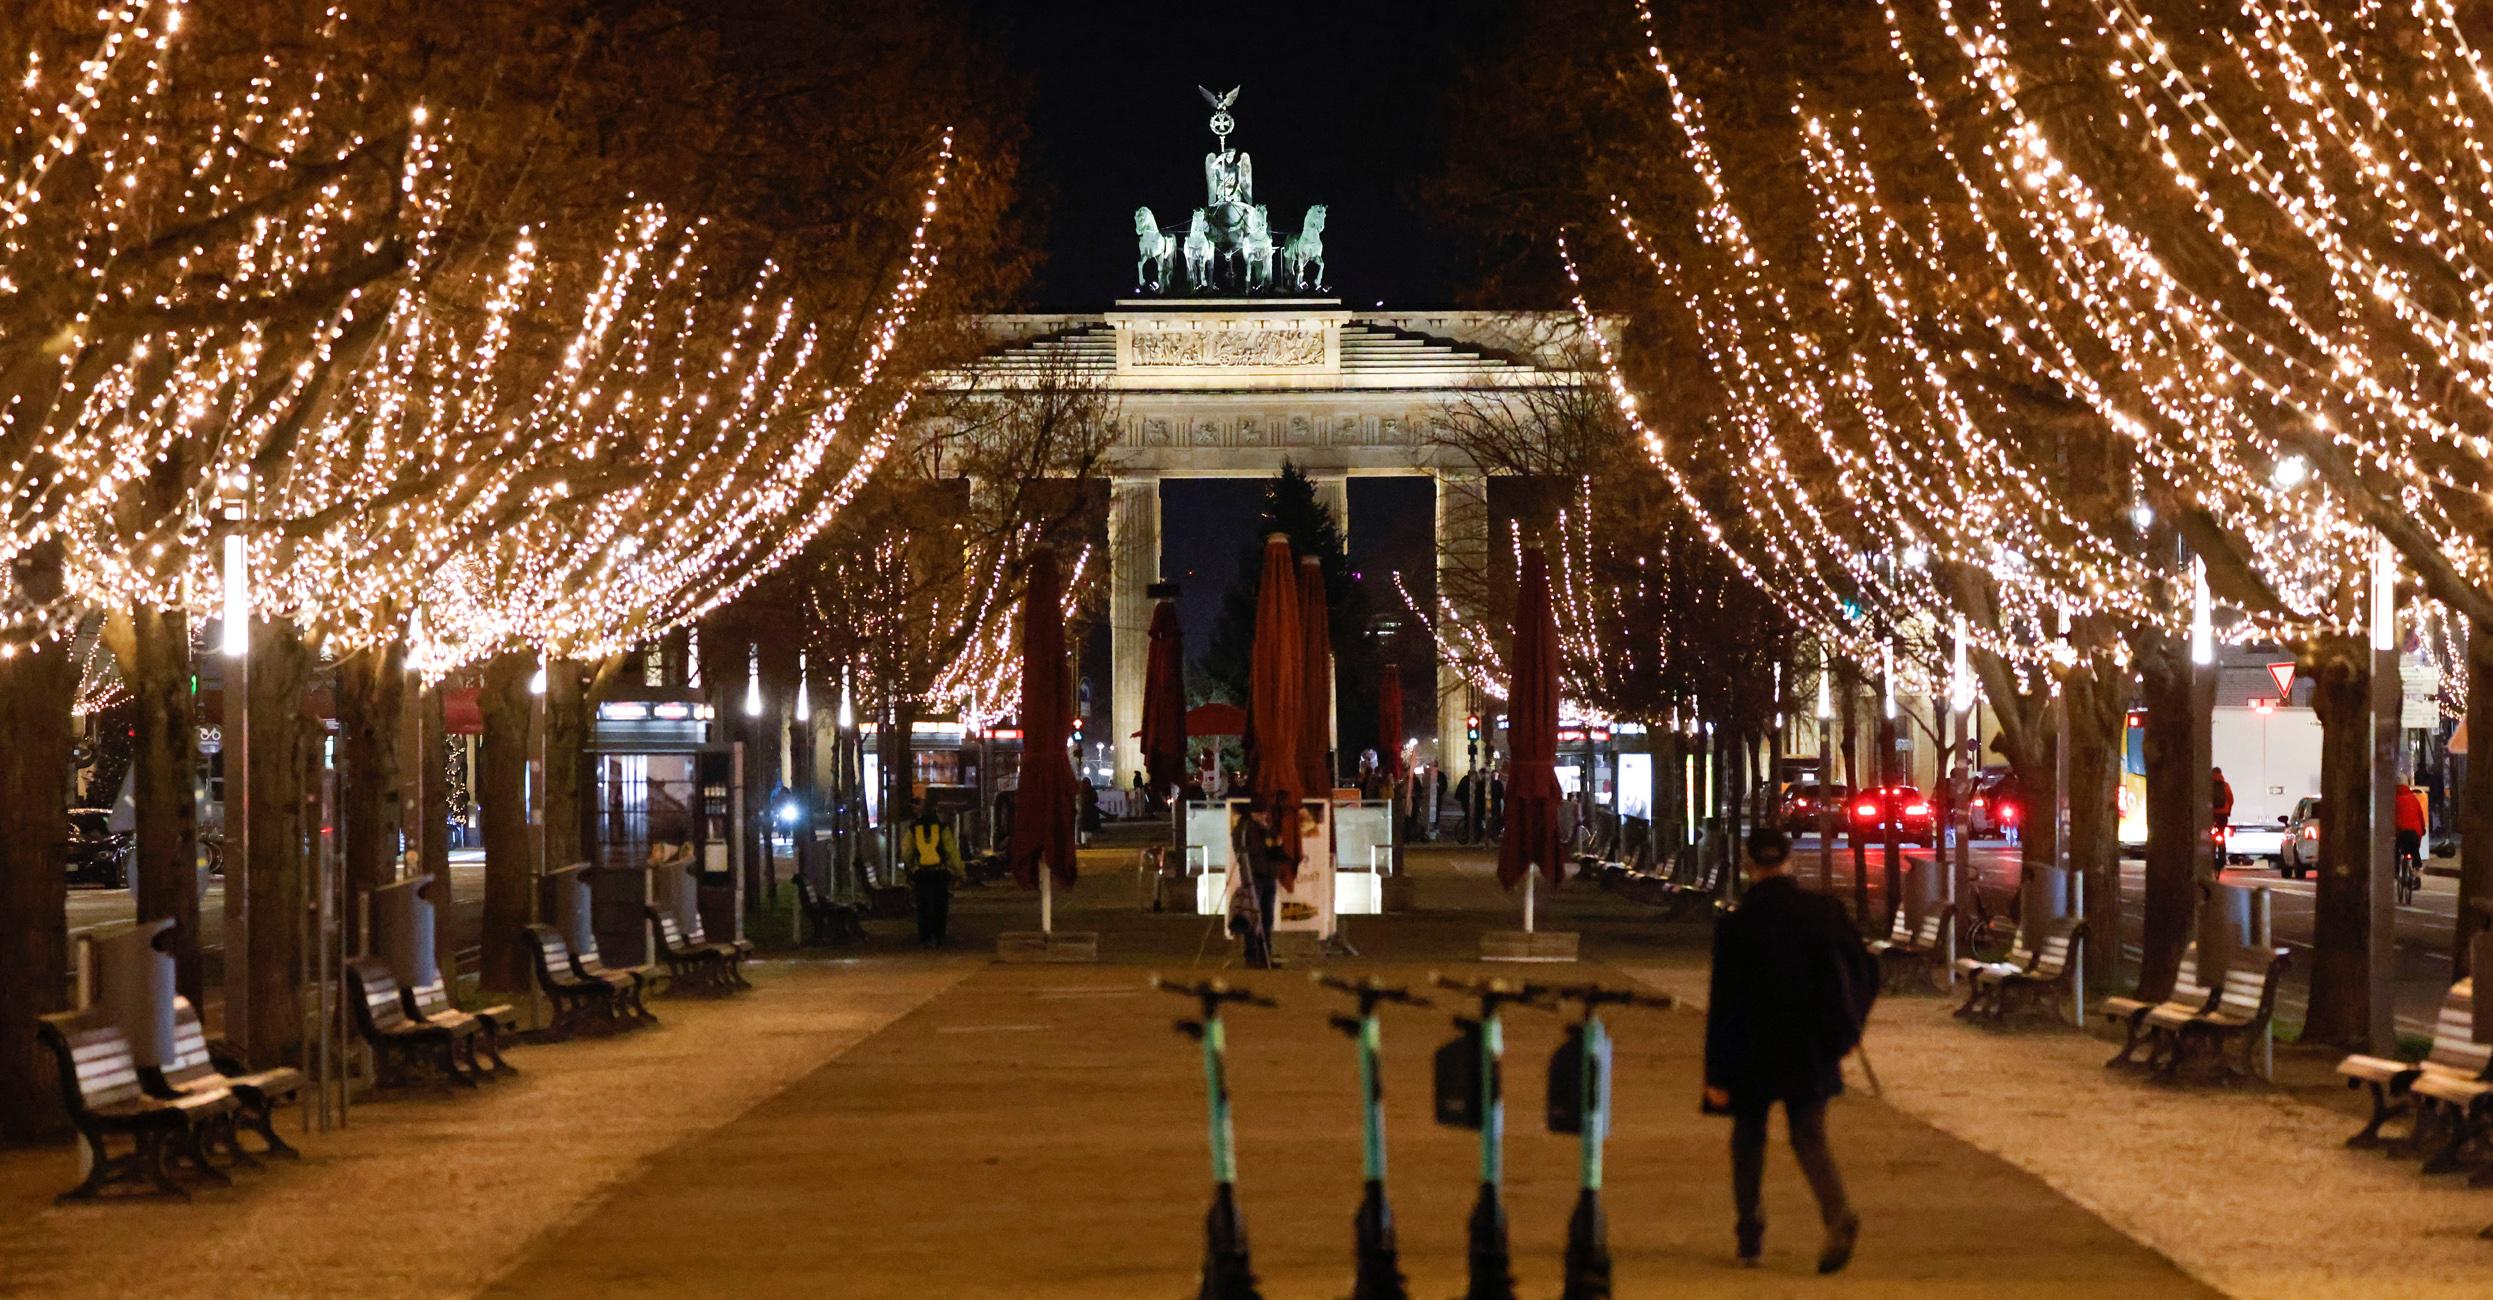 Γερμανία: «Ας είμαστε ειλικρινείς, lockdown ως τις αρχές Φεβρουαρίου και βλέπουμε»